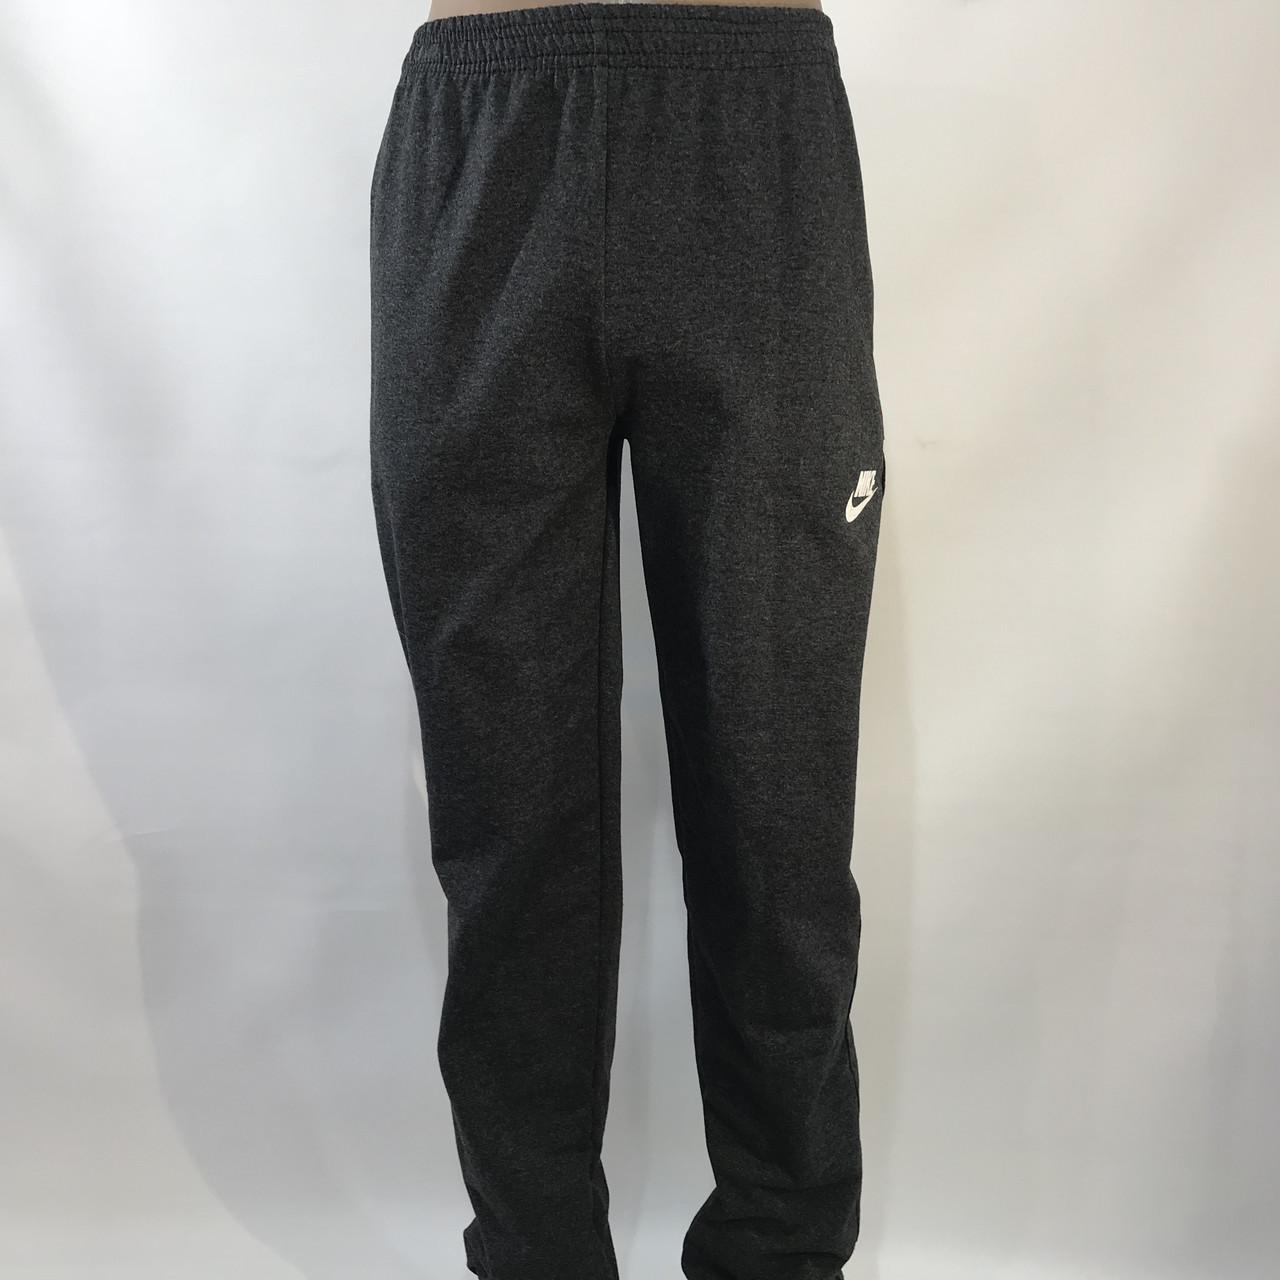 Спортивные штаны Nike под манжет / трикотажные / серые 46-54 р., фото 1